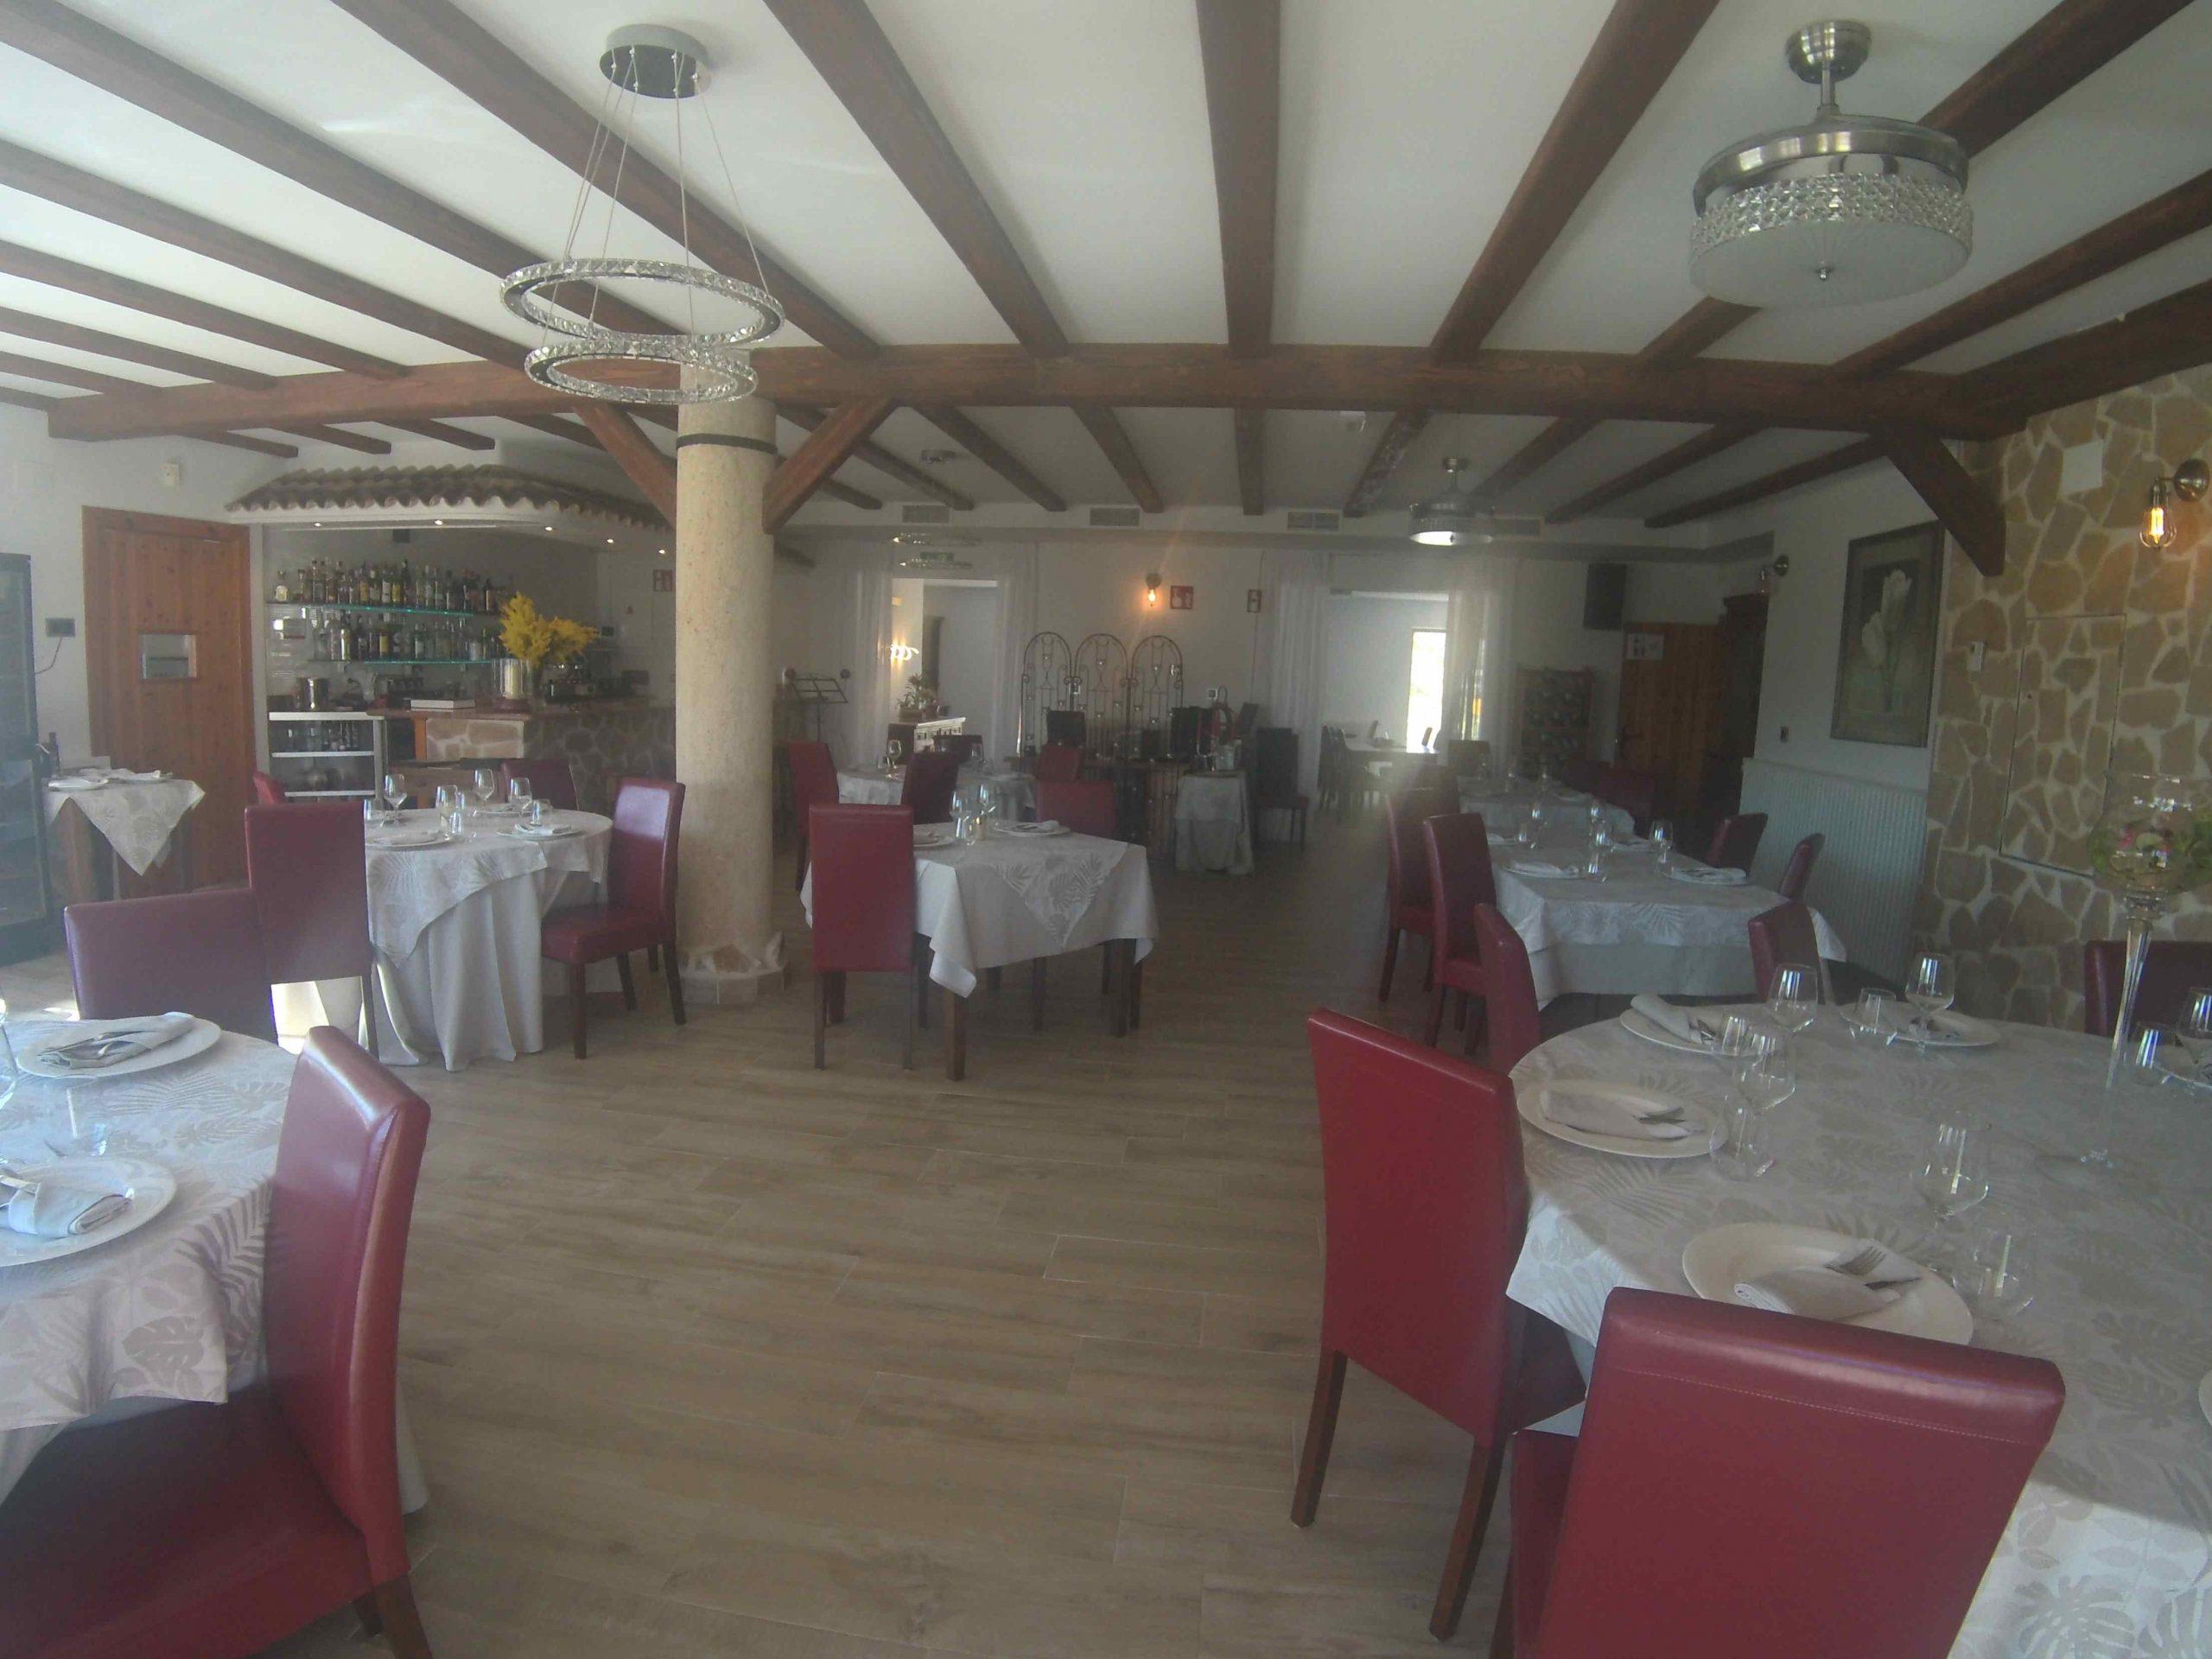 Hotel-Restaurante nuevo con entorno bucólico cerca de un pueblo. PD-20009